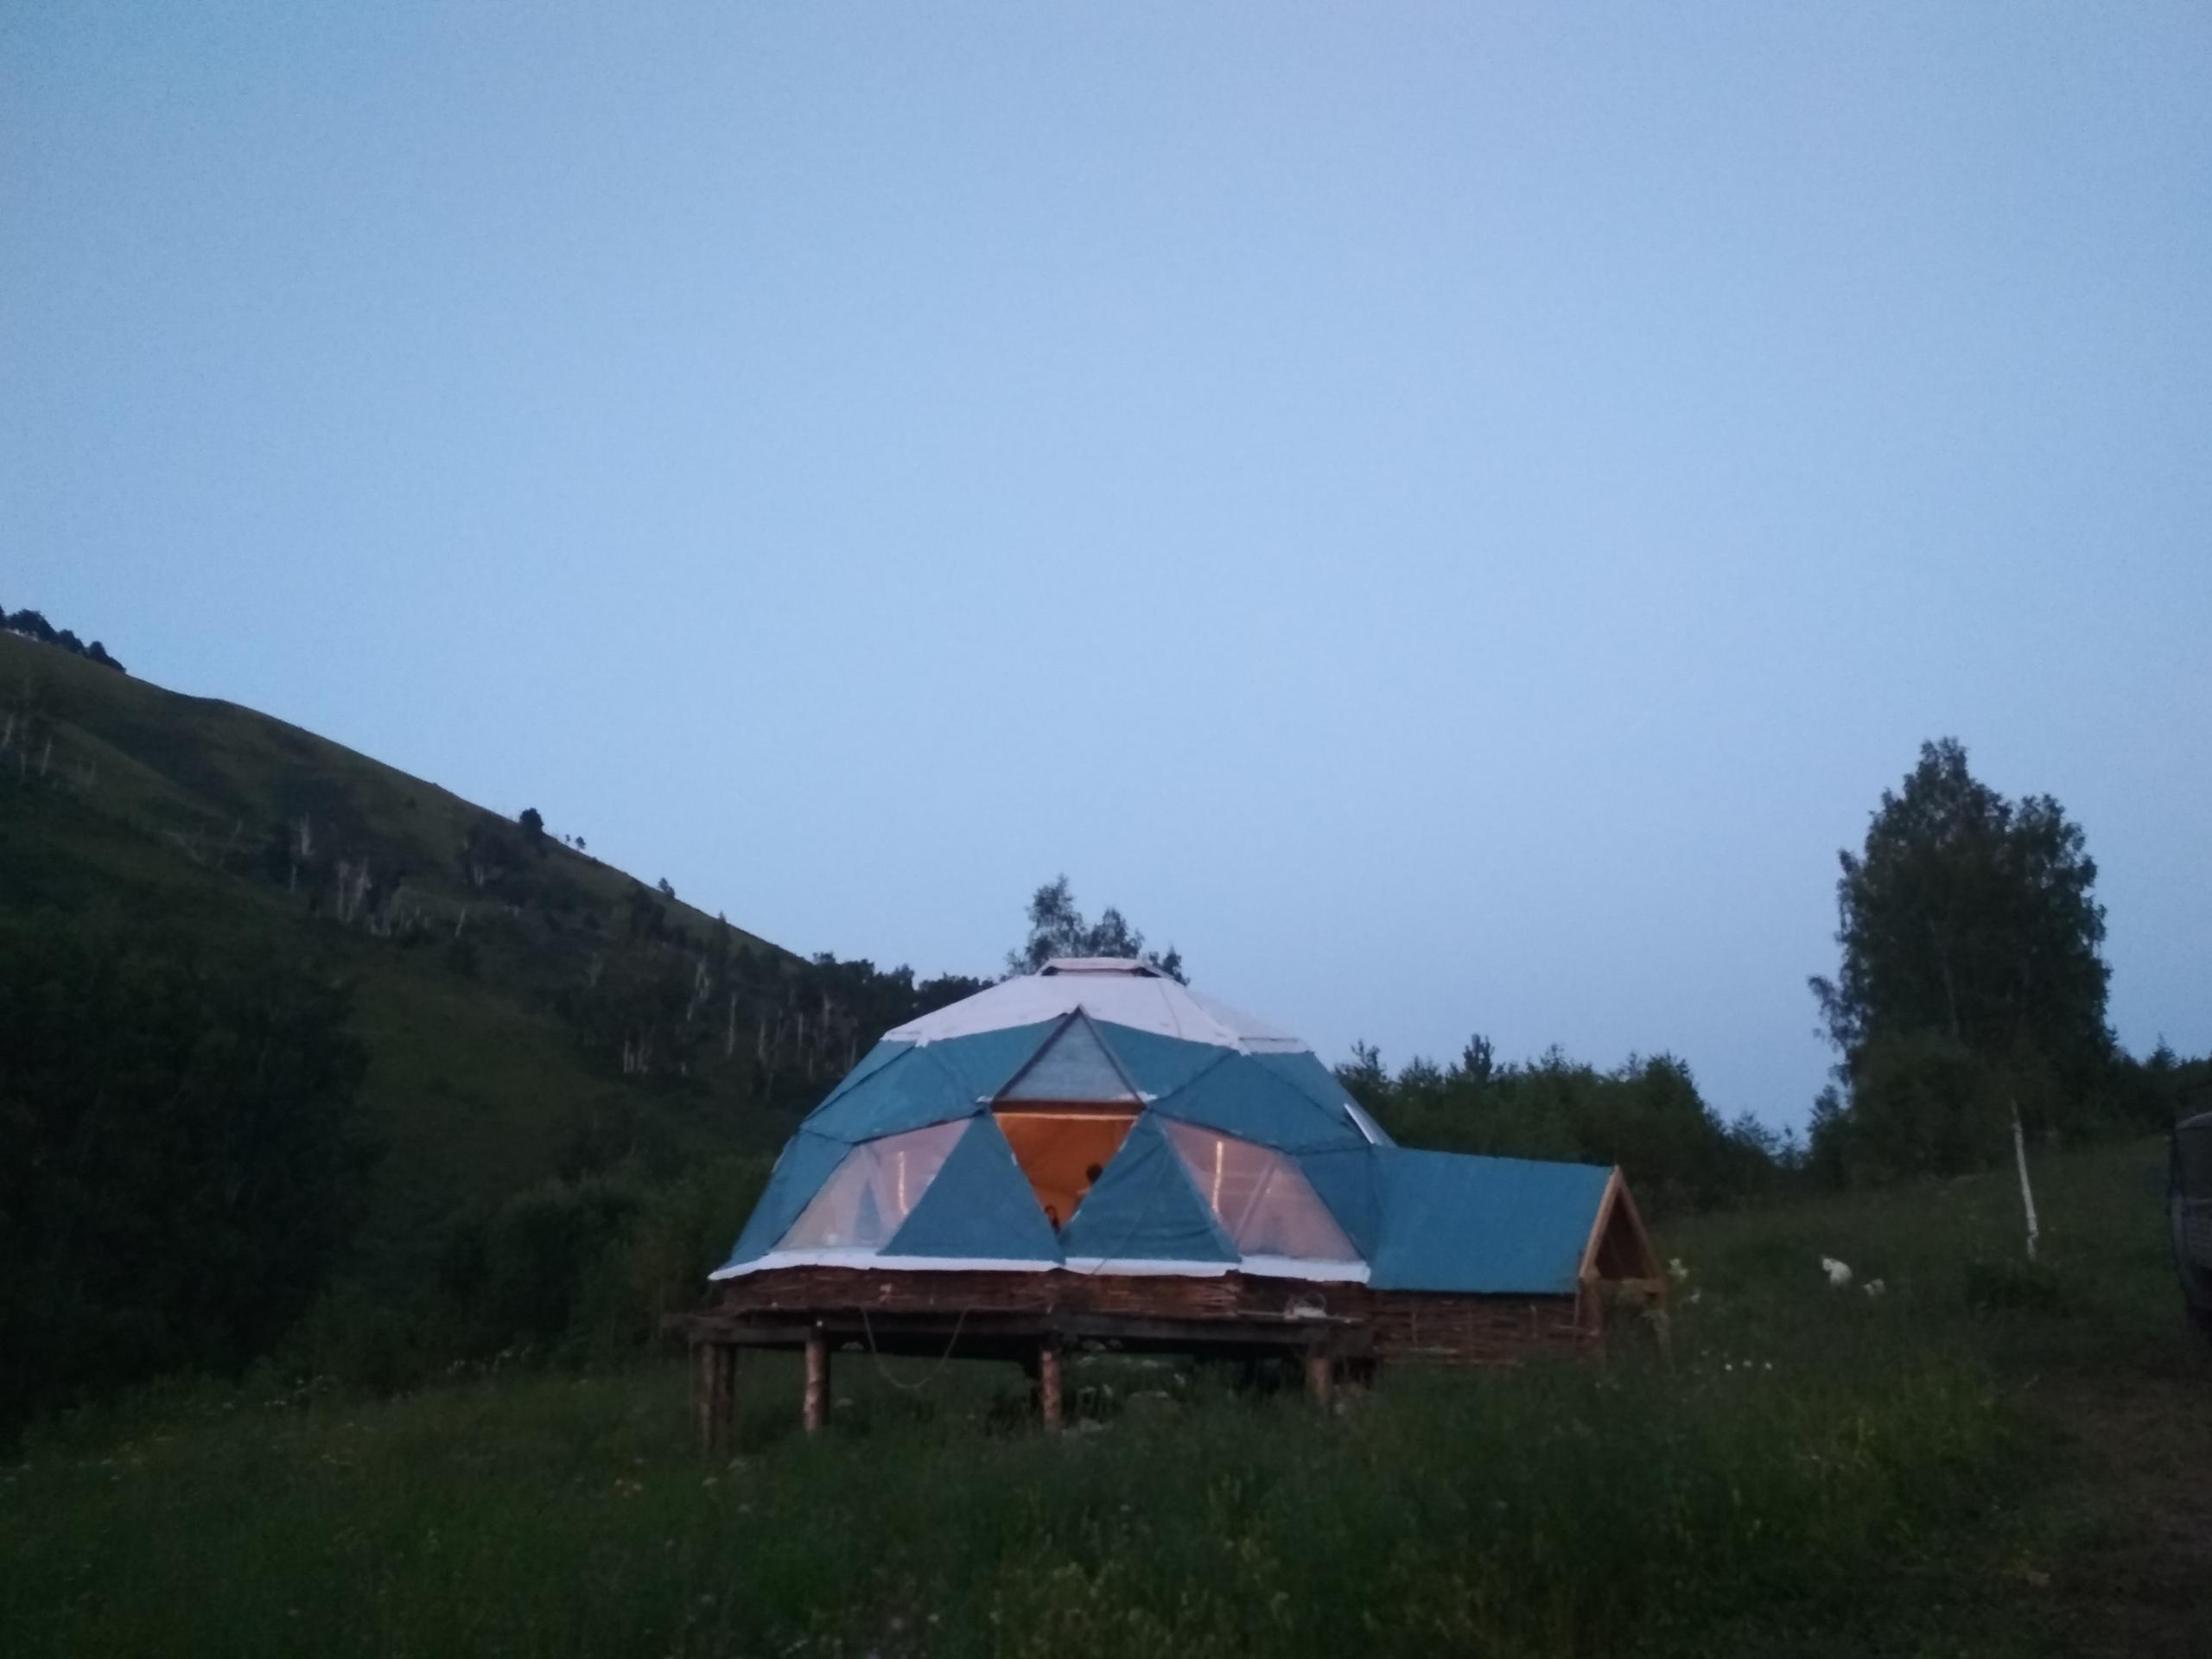 купол д 8,8м построен этим летом на Алтае для фестиваля чая в экопоселении Чачжаевка.